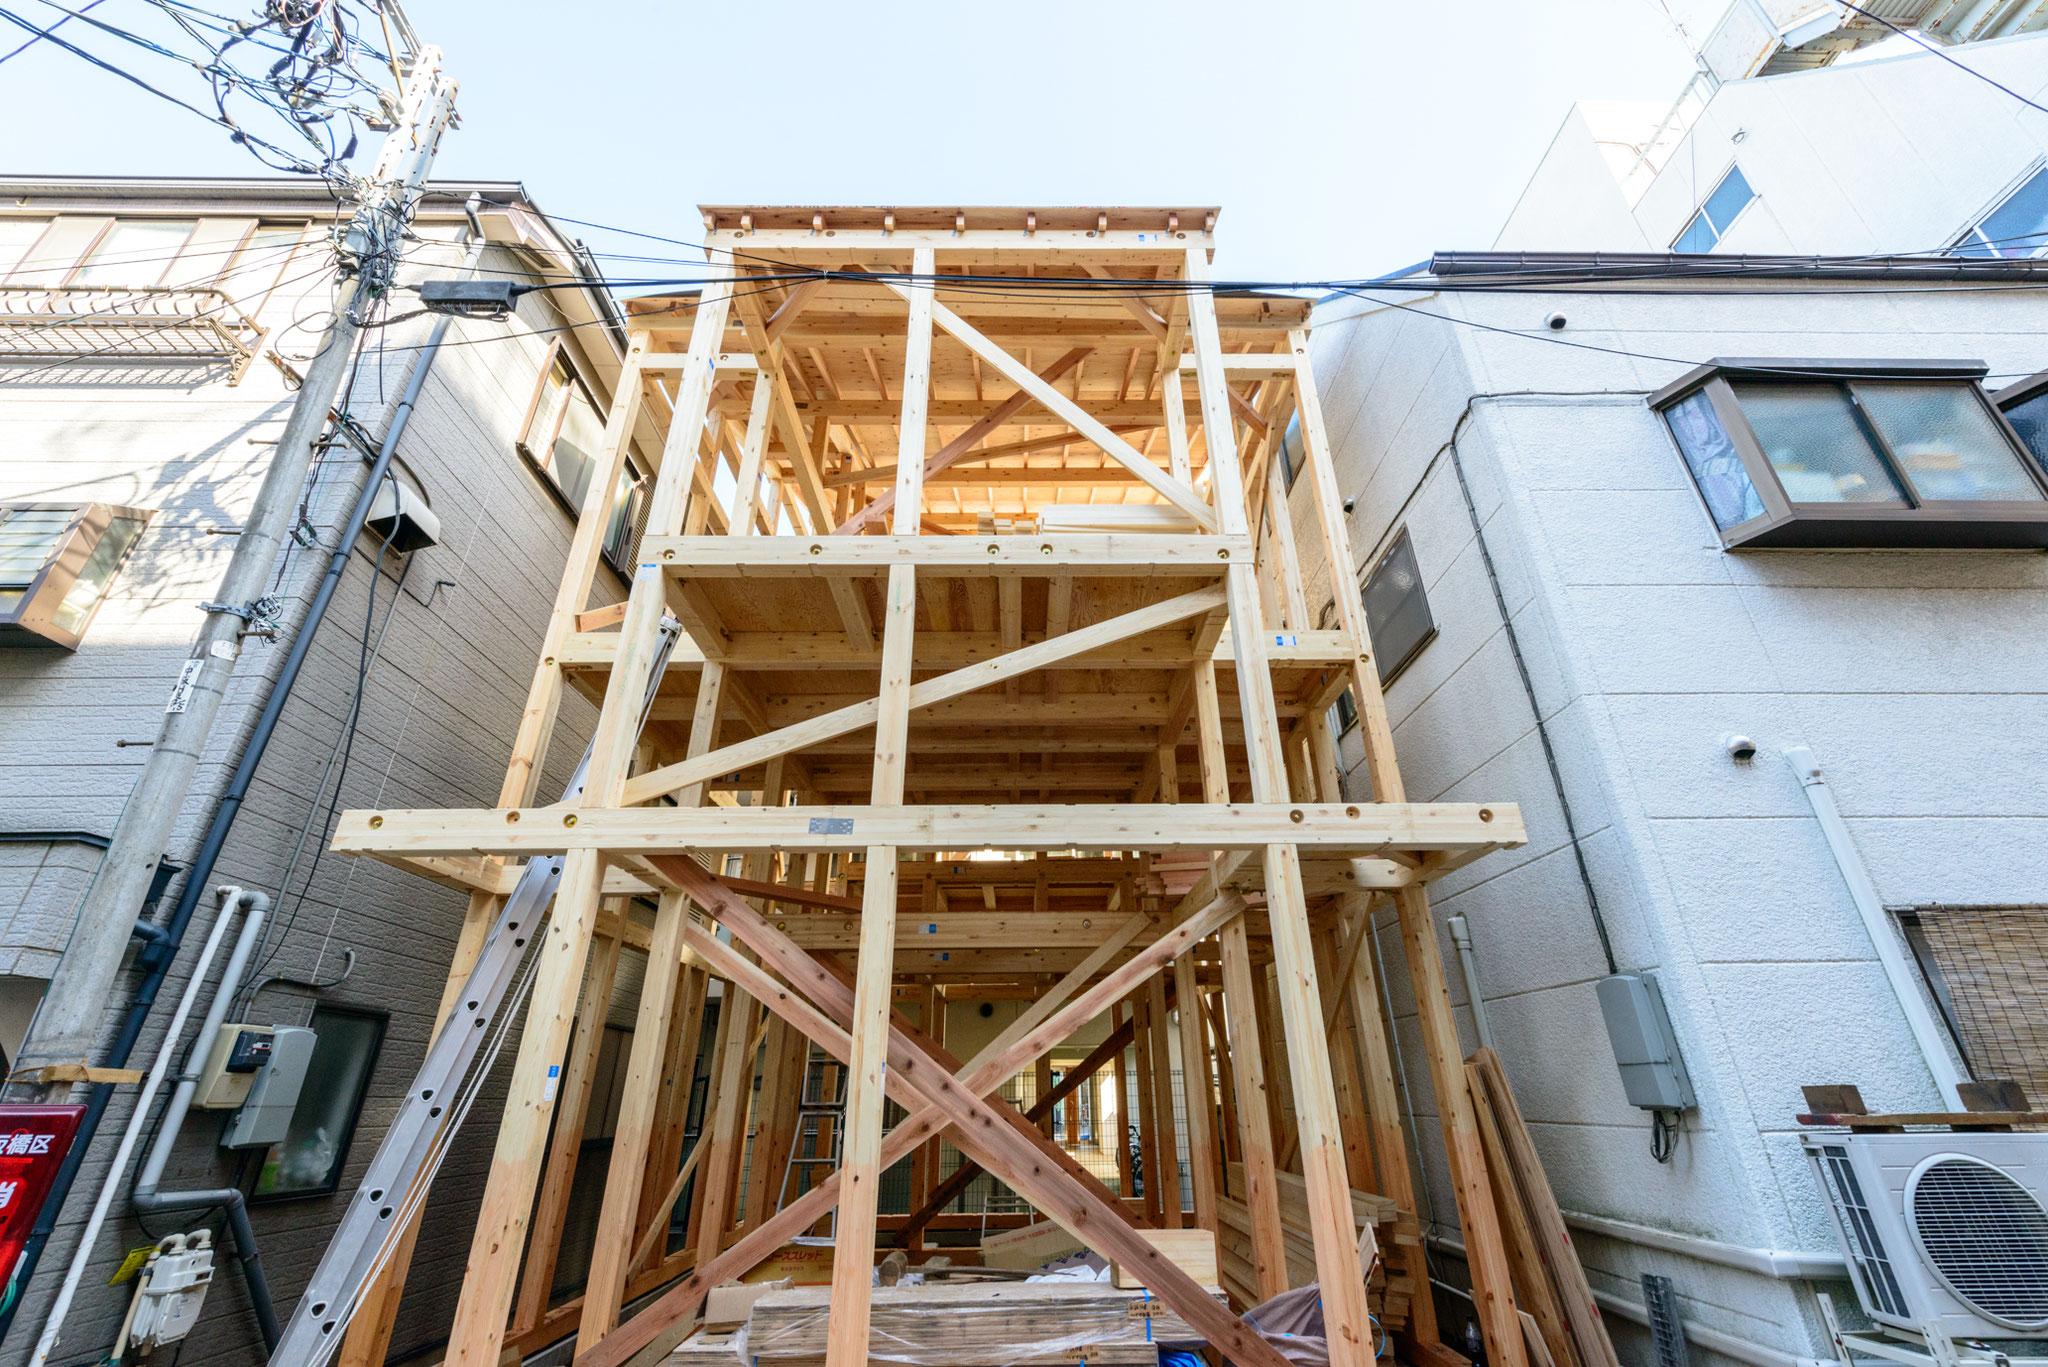 2018年3月4日建て方1(2階建てですが、両側の建物と高さがほとんど変わりません)